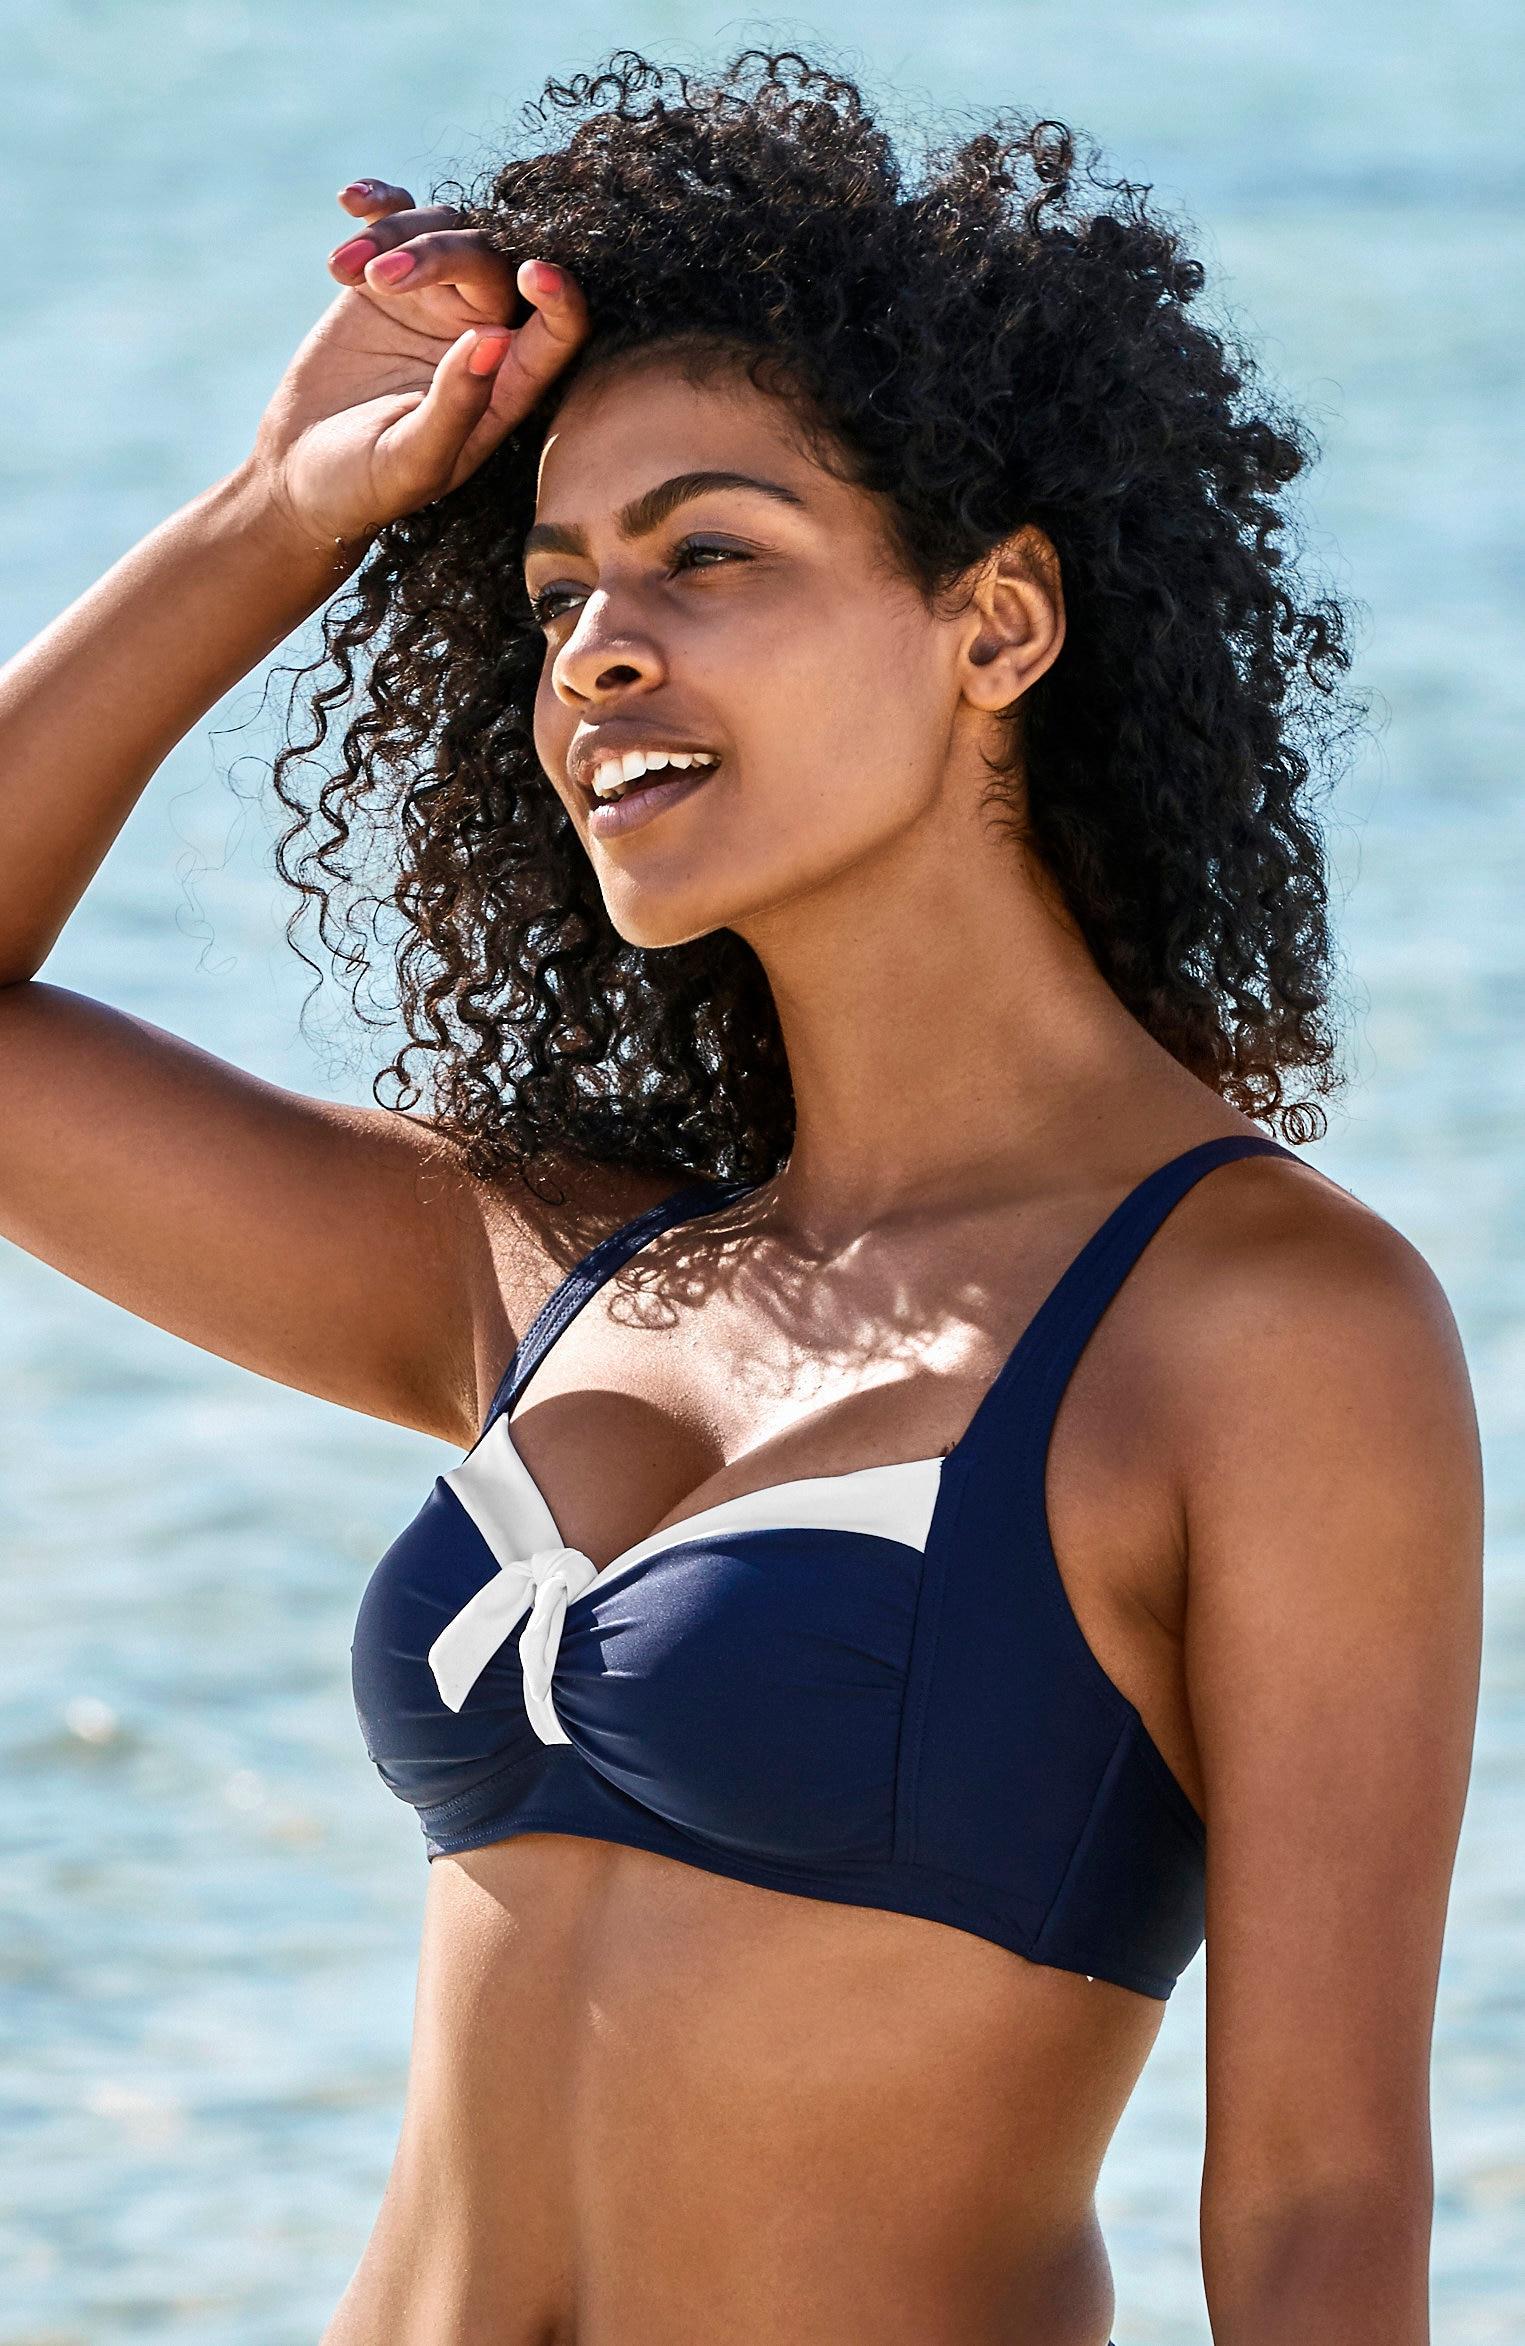 Bikini-bh utan bygel